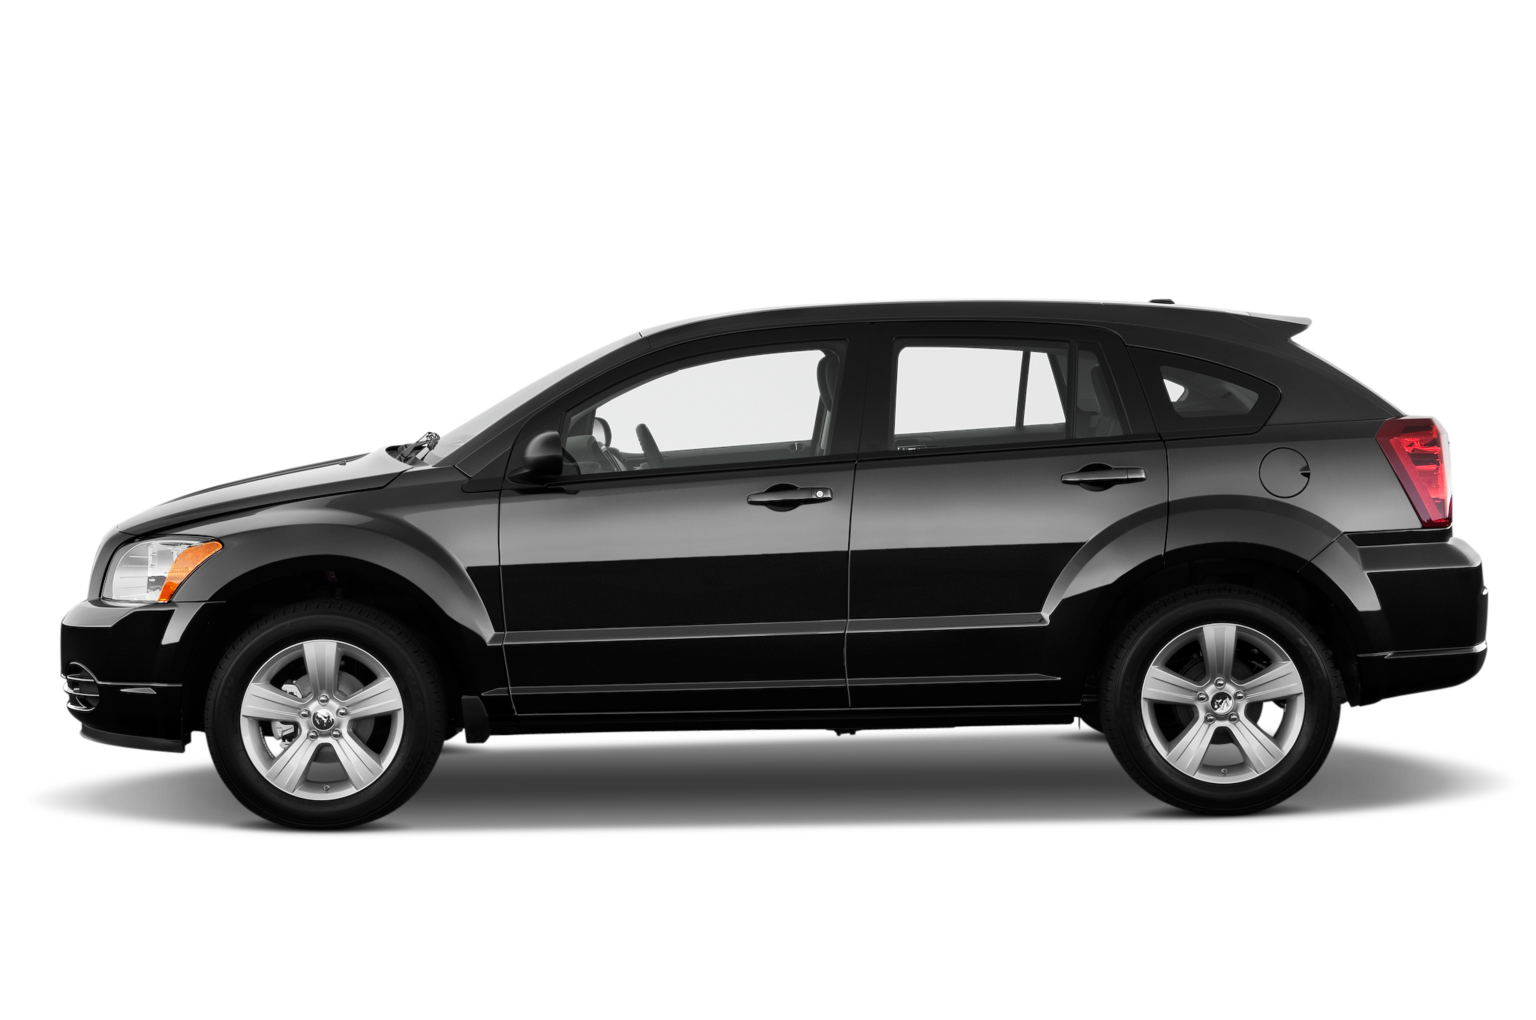 Auto Kühlschrank Handschuhfach : Caliber gebrauchtwagen neuwagen kaufen verkaufen auto